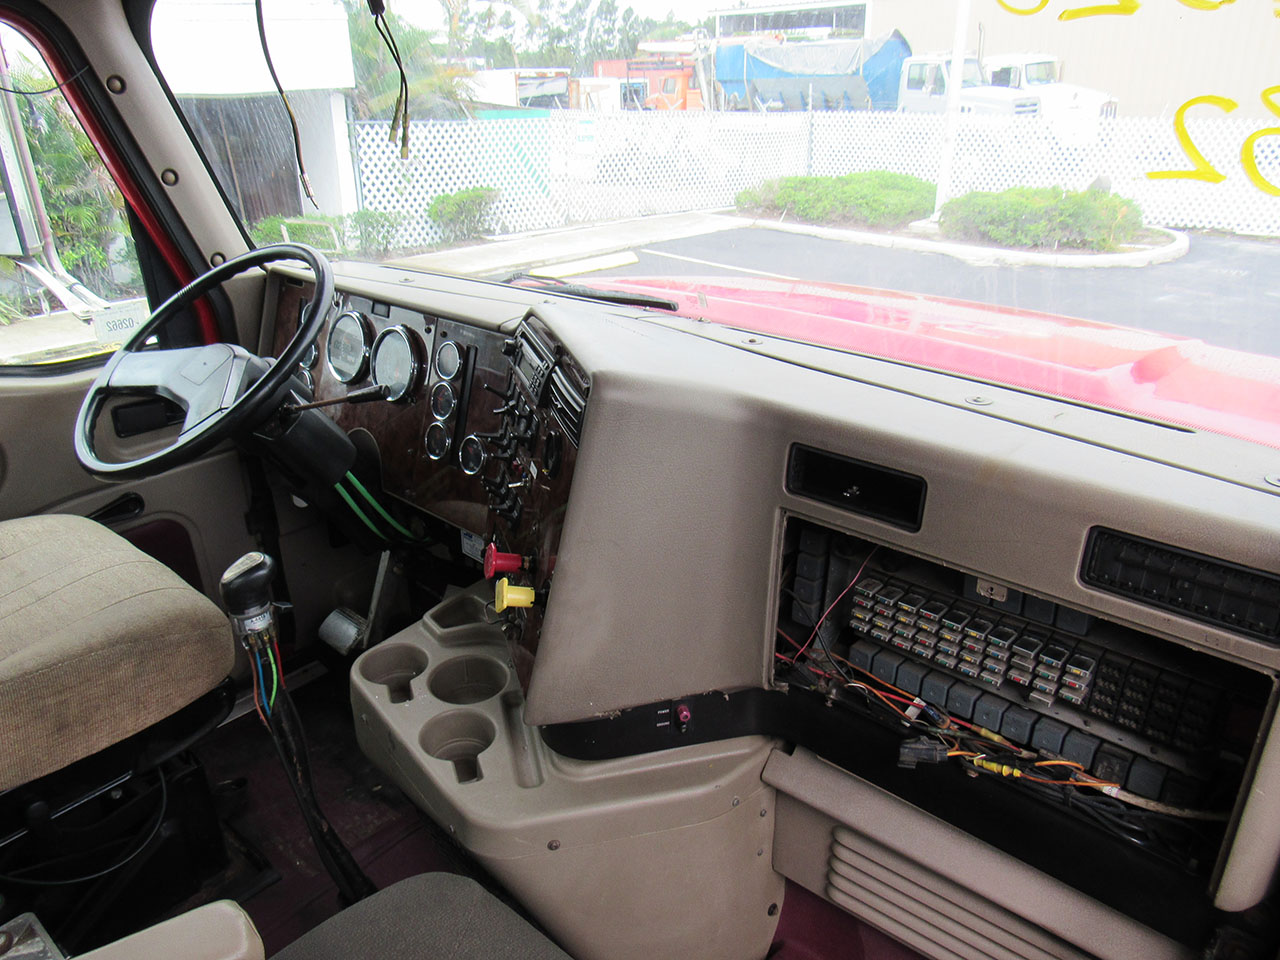 used 2007 International Paystar in West Palm Beach, FL